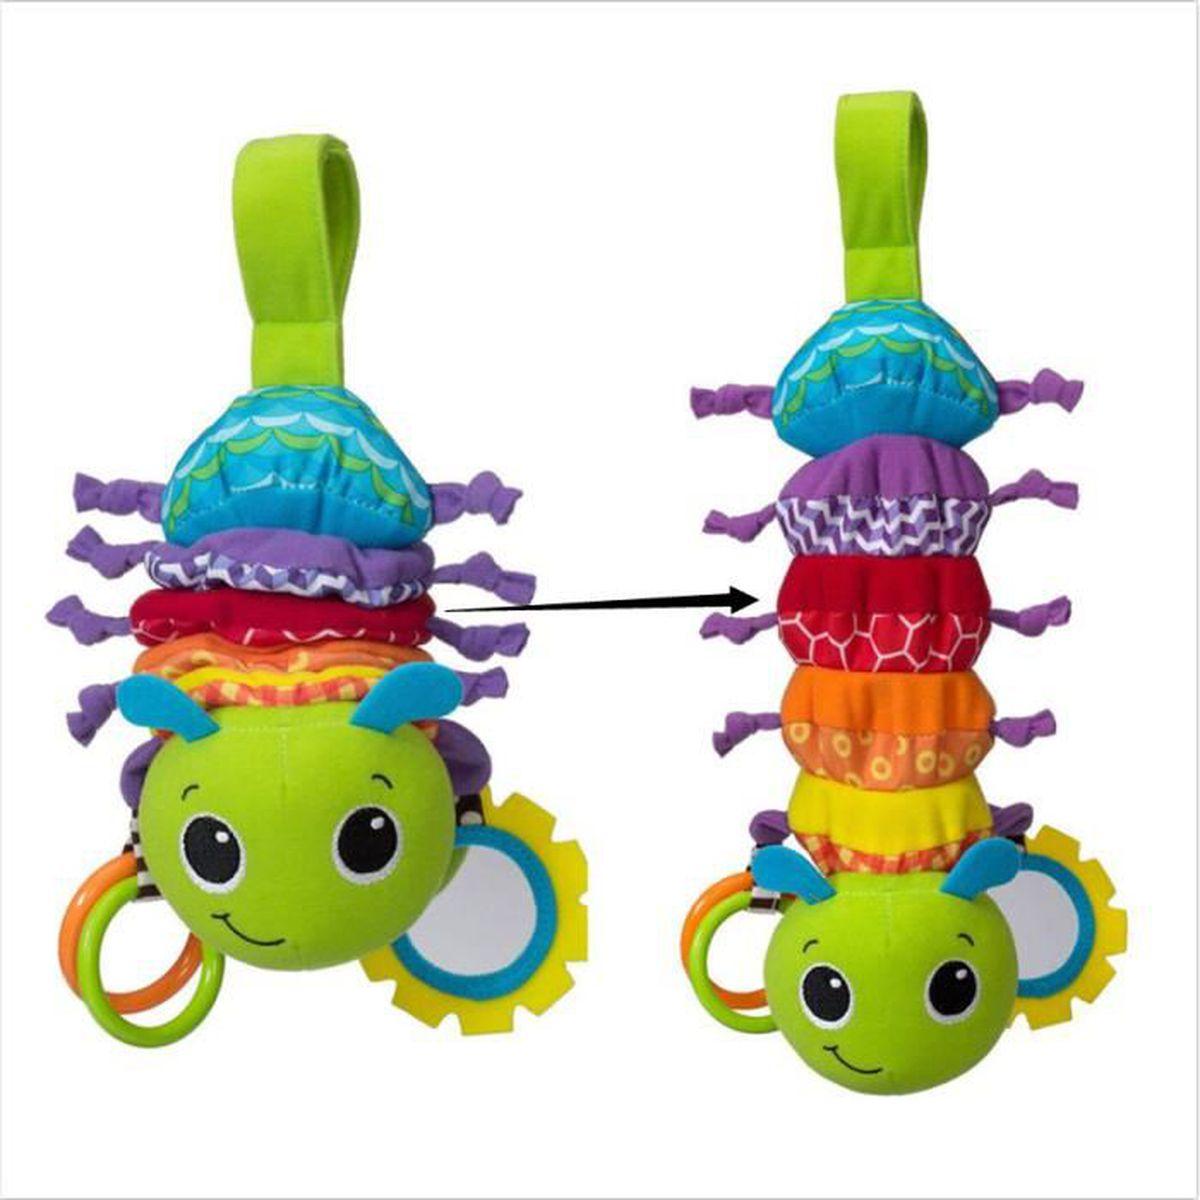 bébé jouet - enfants lit poussette accrocher de bell rattles